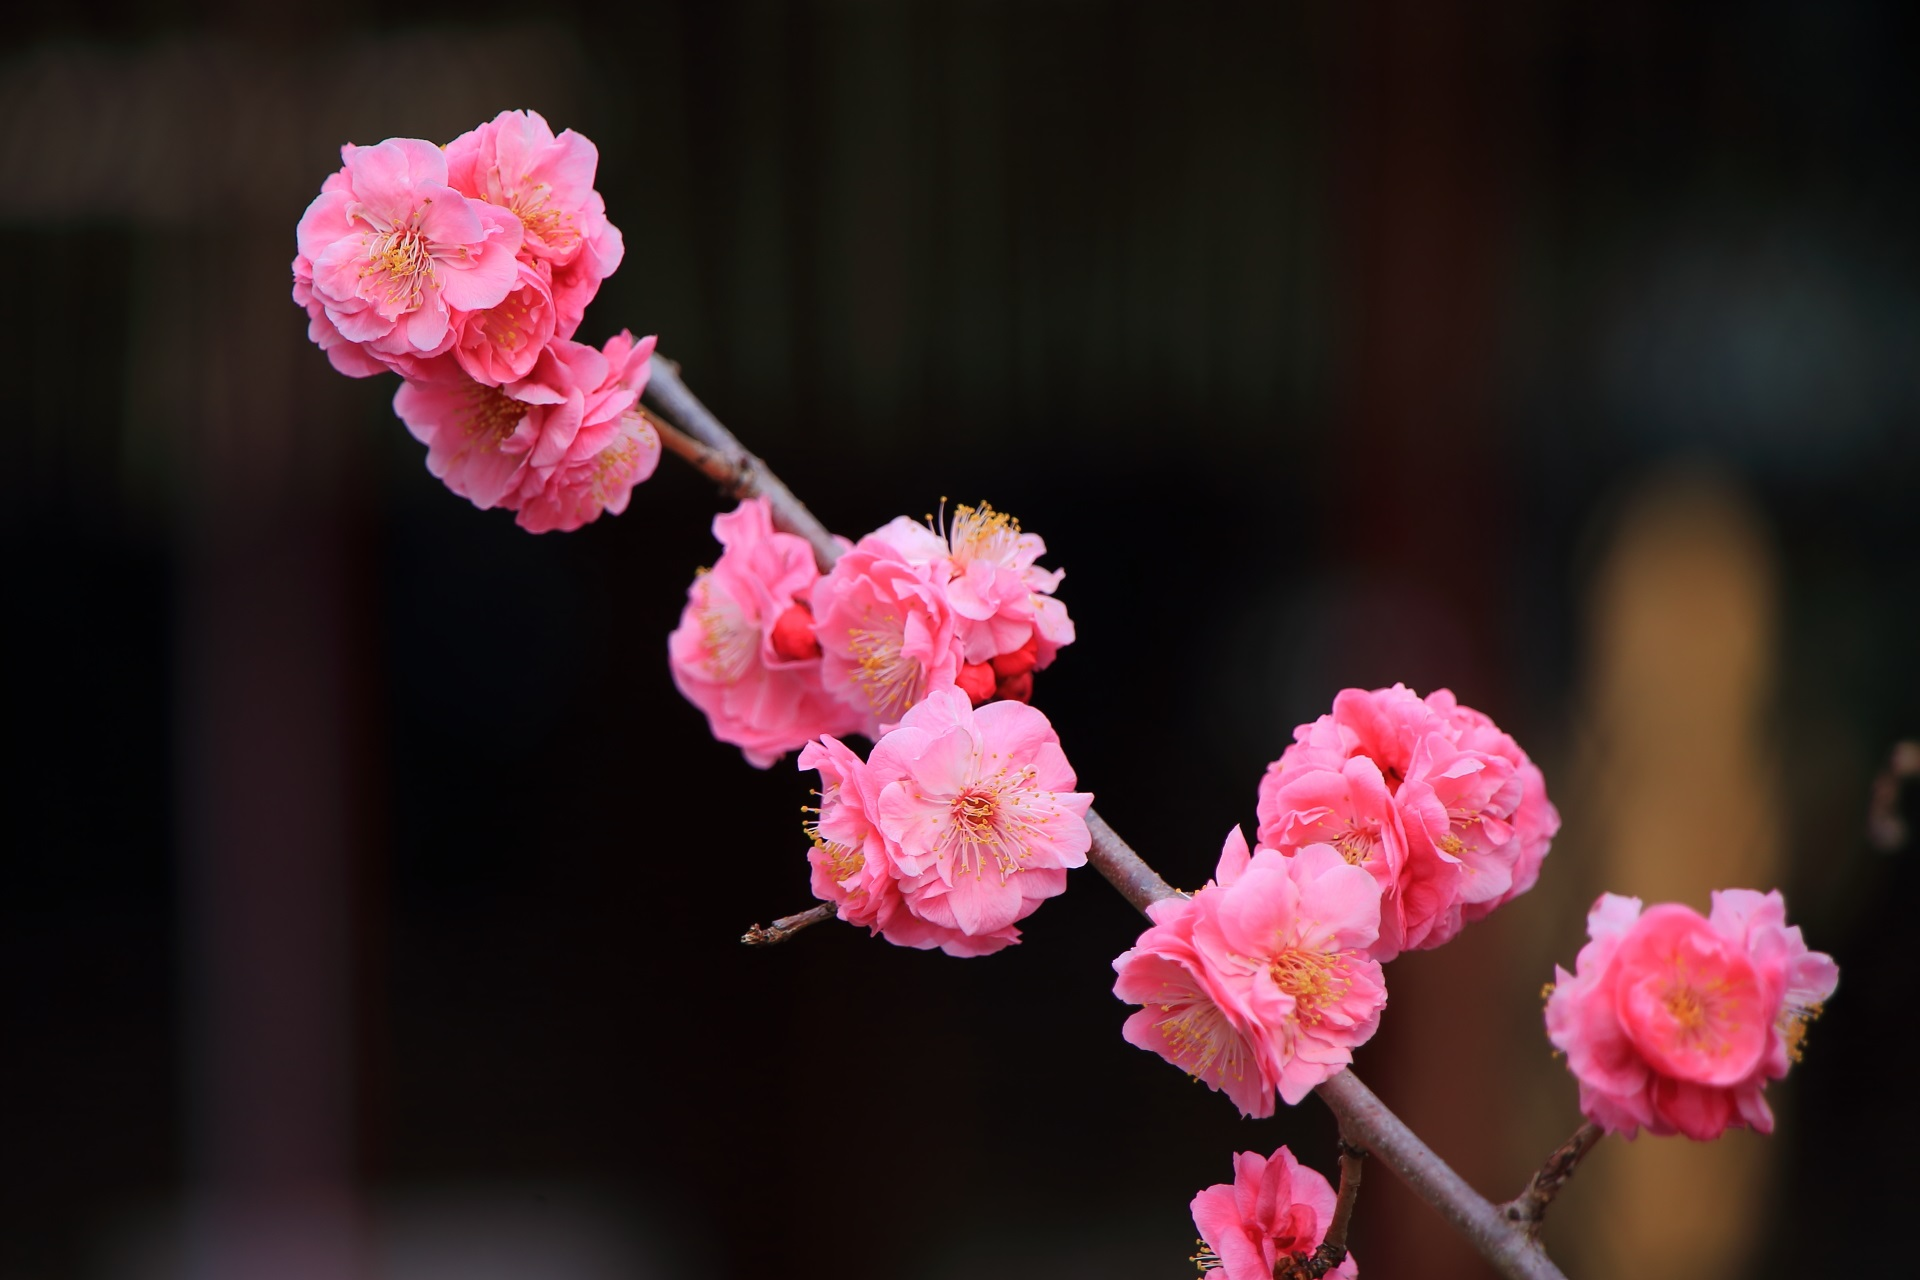 繊細で可愛いピンクの花